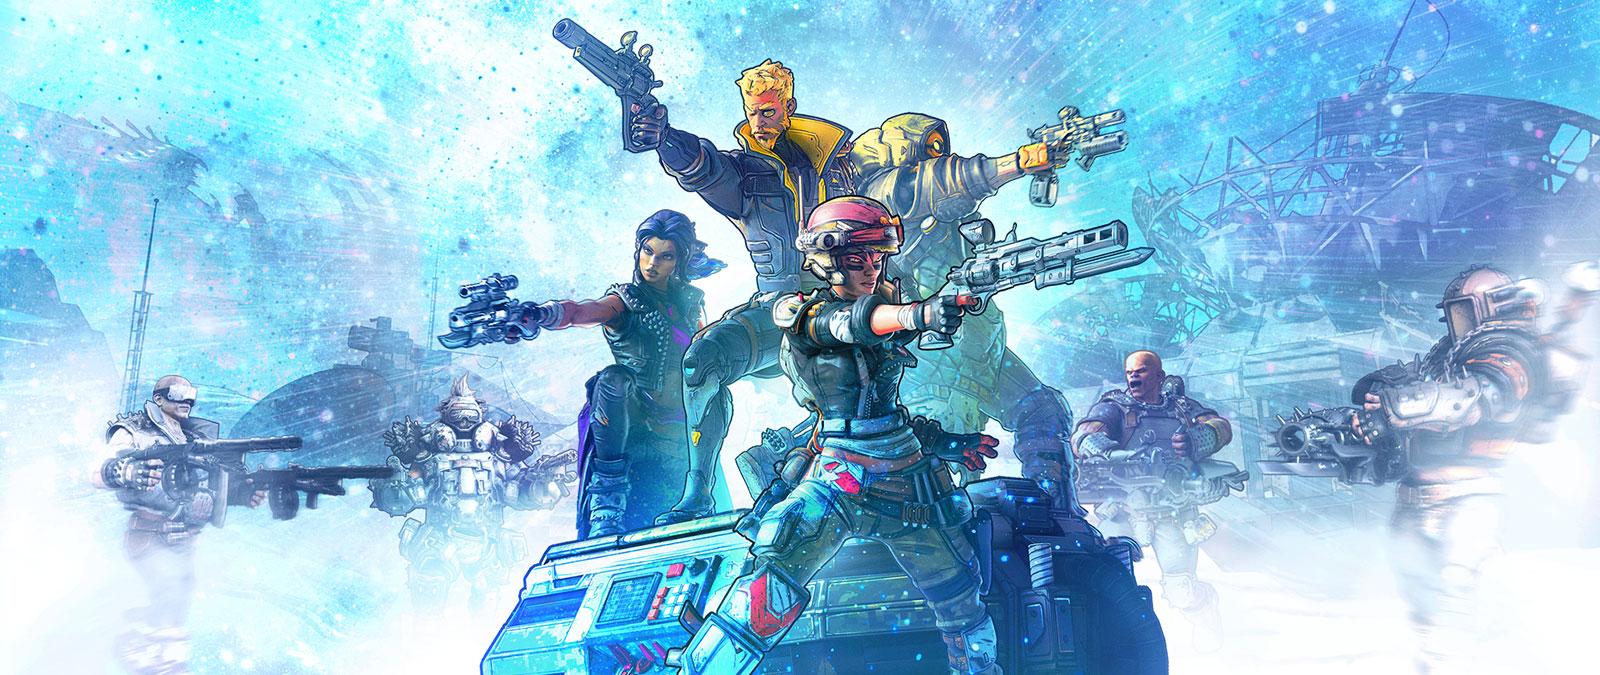 Un grupo de personajes preparados para la batalla apuntan con sus armas.